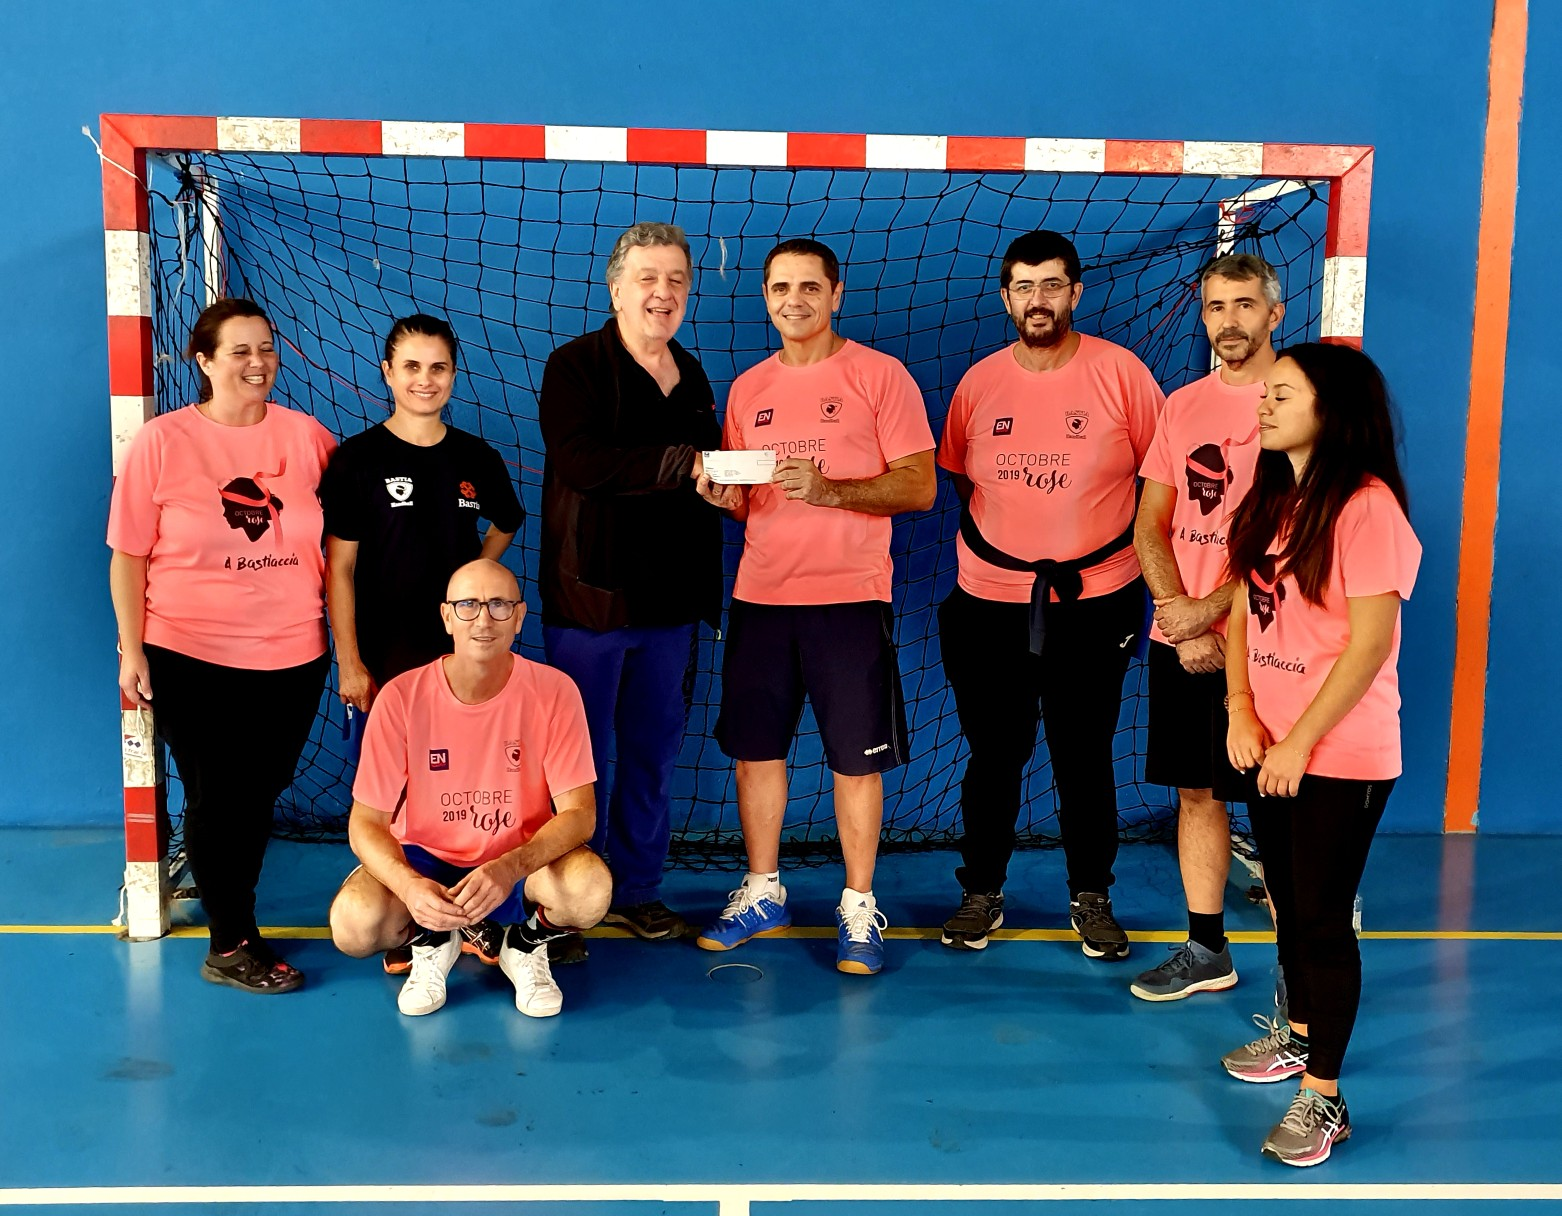 Bastia: Succès pour le tournoi de hand d'Octobre Rose